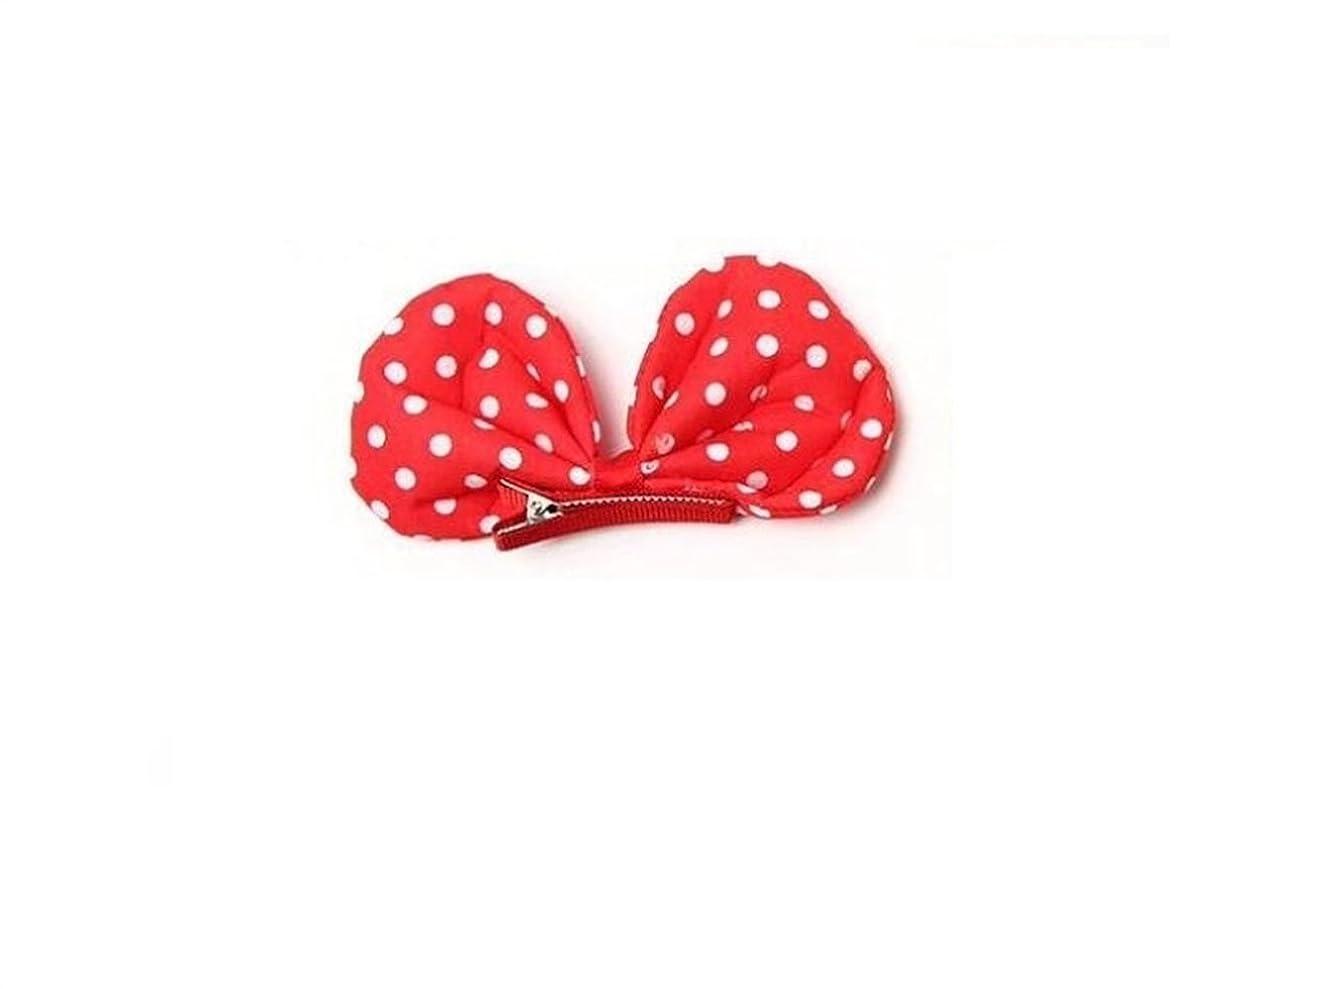 近くオーバードロー単位Osize 美しいスタイル 子供のかわいい弓の結び目の布ダックビルのクリップ水玉クリップヘアピンアクセサリー(赤)